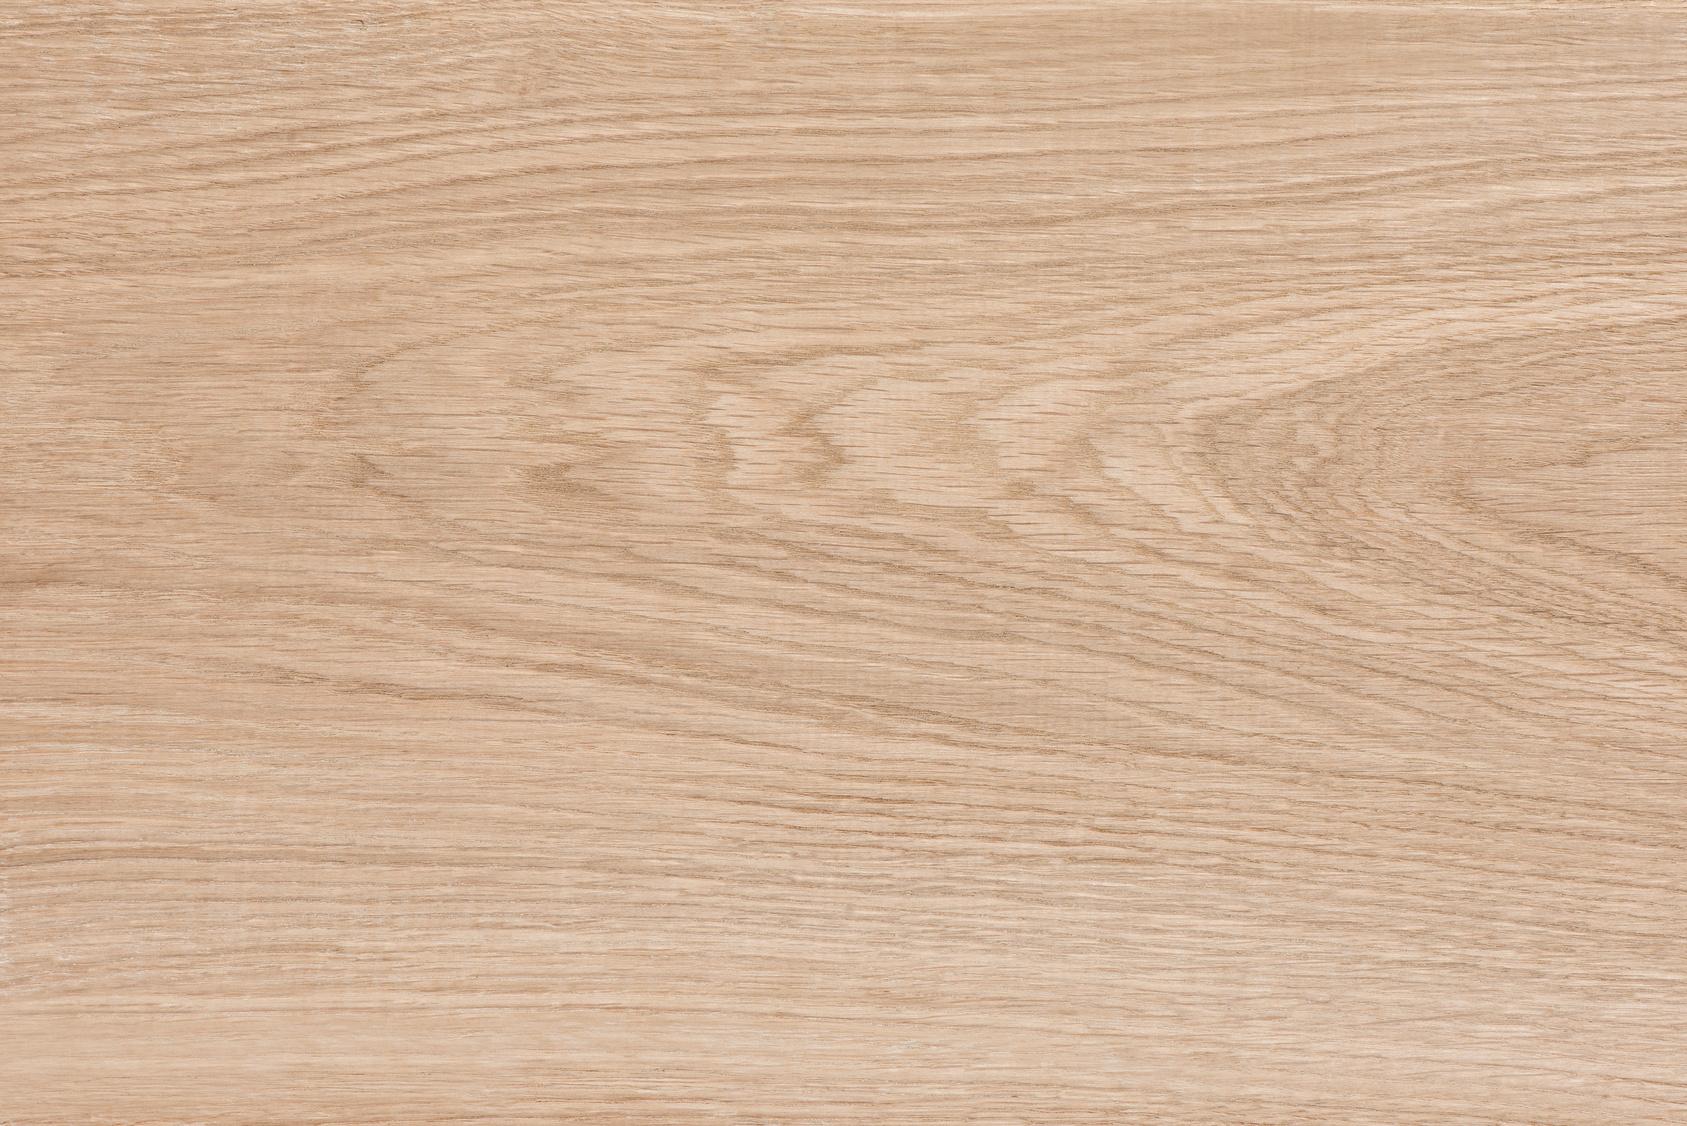 Image de bois de chêne